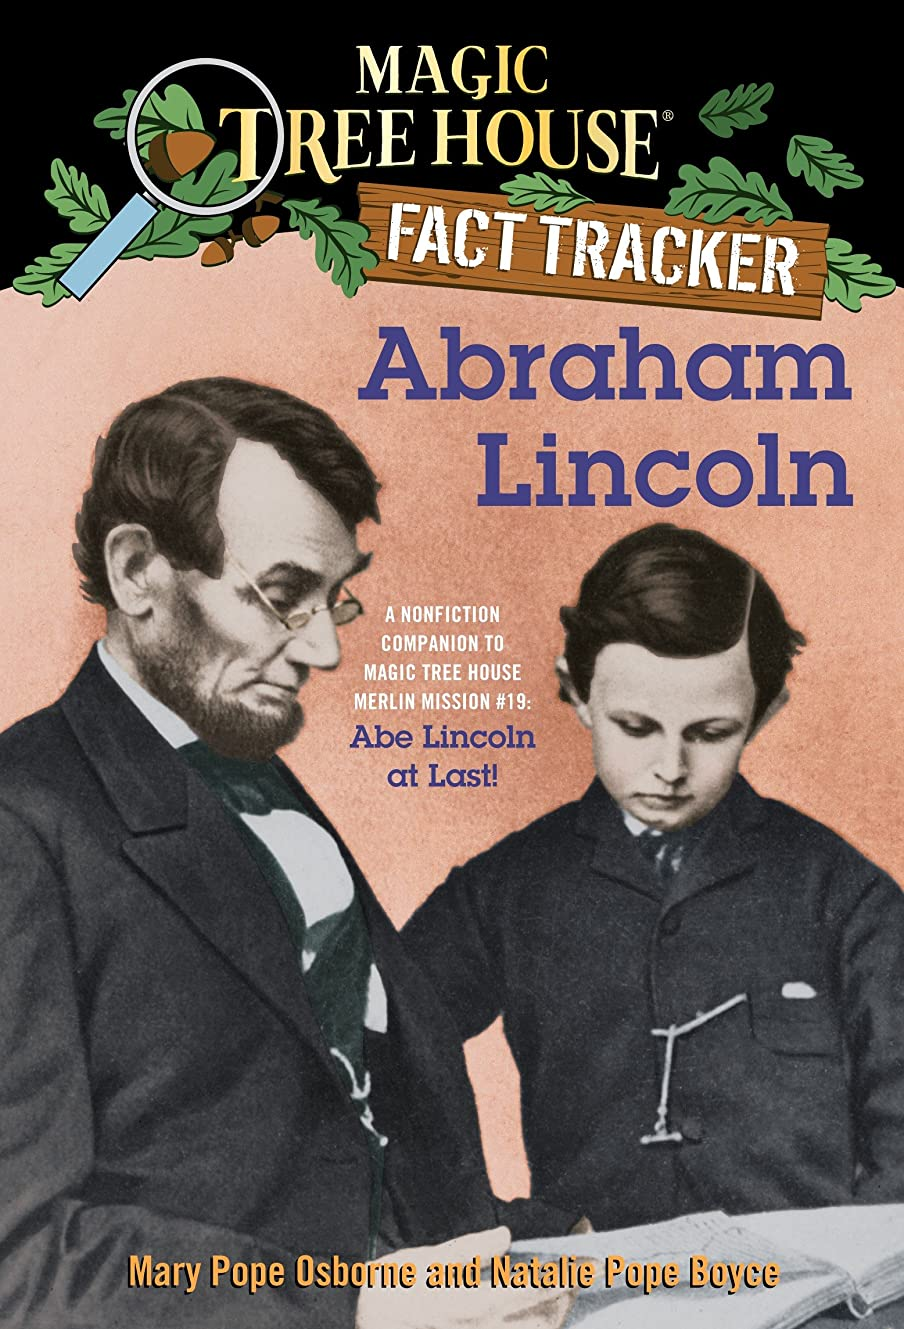 蒸留する繰り返した援助Abraham Lincoln: A Nonfiction Companion to Magic Tree House Merlin Mission #19: Abe Lincoln at Last (Magic Tree House: Fact Trekker Book 25) (English Edition)